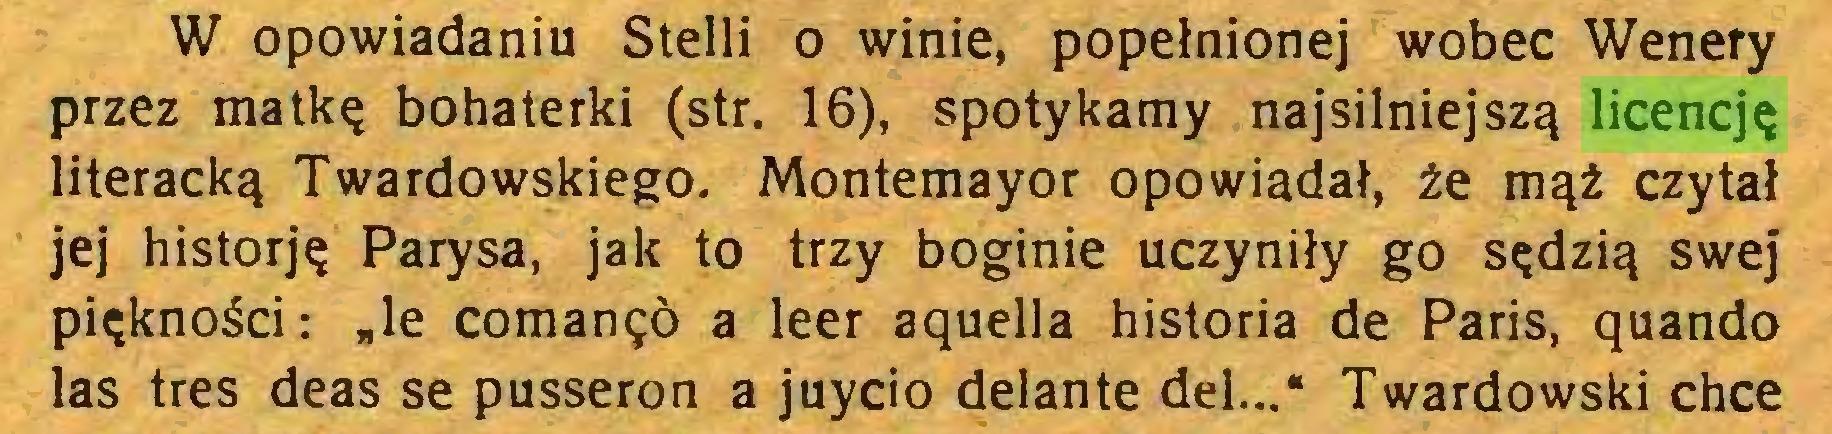 """(...) W opowiadaniu Stelli o winie, popełnionej wobec Wenety przez matkę bohaterki (str. 16), spotykamy najsilniejszą licencję literacką Twardowskiego. Montemayor opowiadał, że mąż czytał jej historję Parysa, jak to trzy boginie uczyniły go sędzią swej piękności: """"le comanęó a leer aquella historia de París, quando las tres deas se pusseron a juycio delante del..."""" Twardowski chce..."""